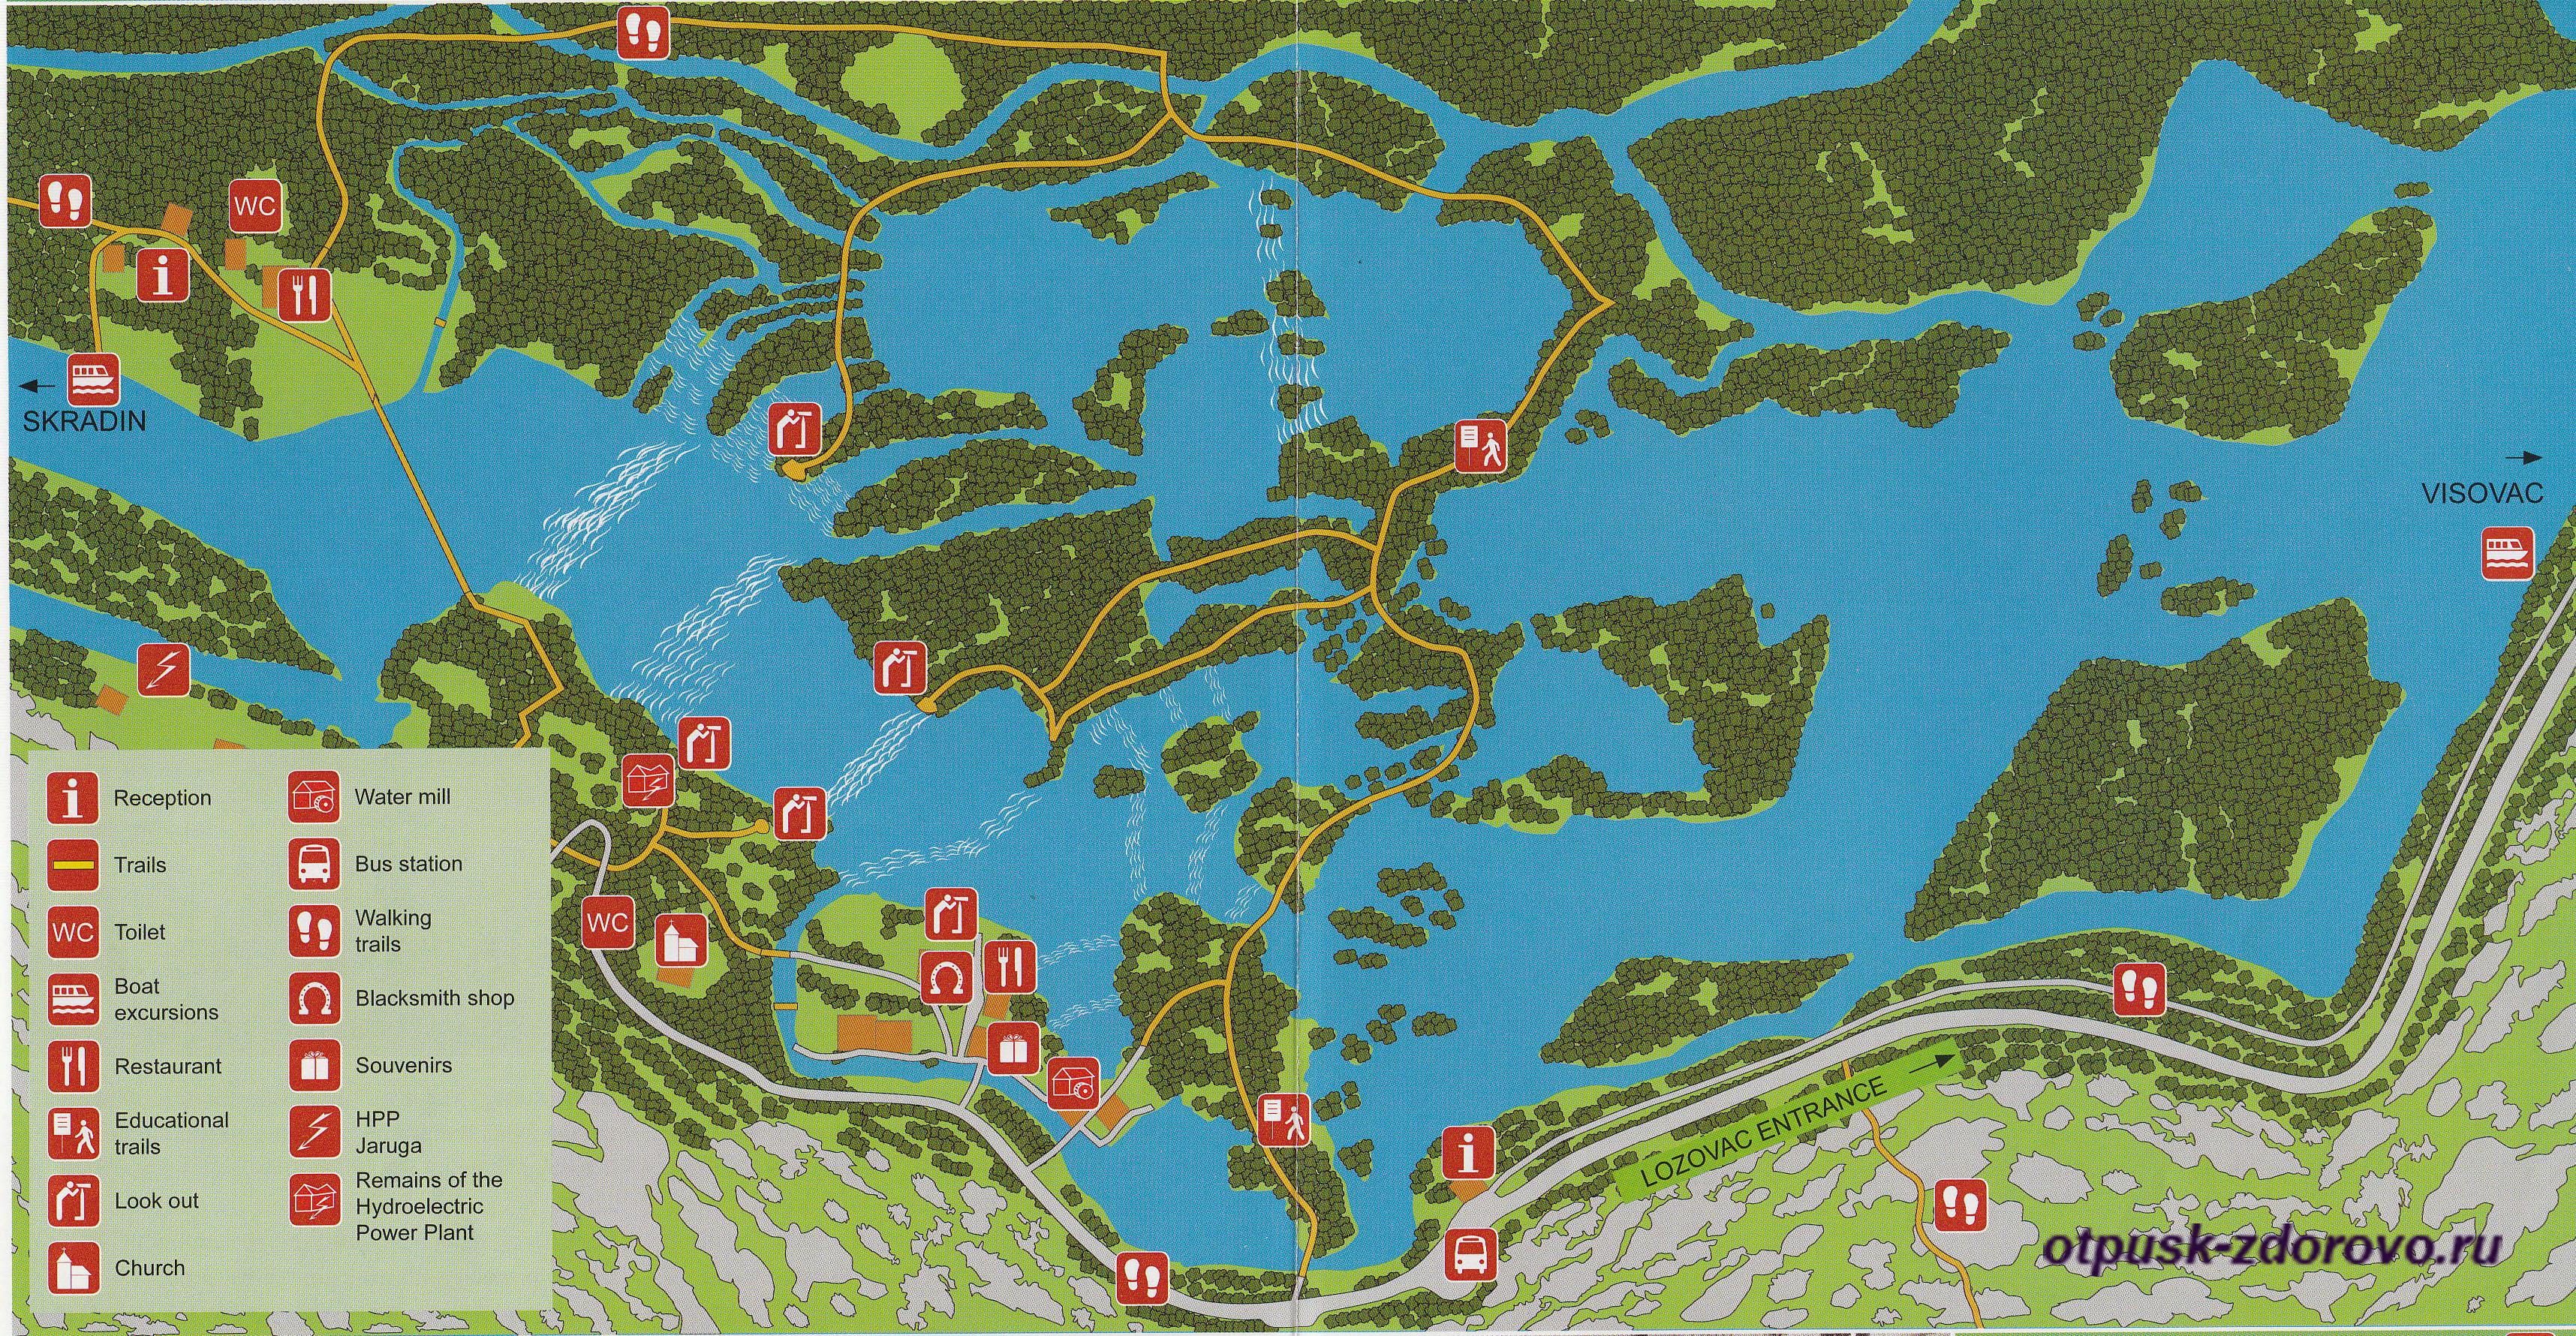 Национальный парк Крка подробная карта. 4 входа (Ulaz) в заповедник